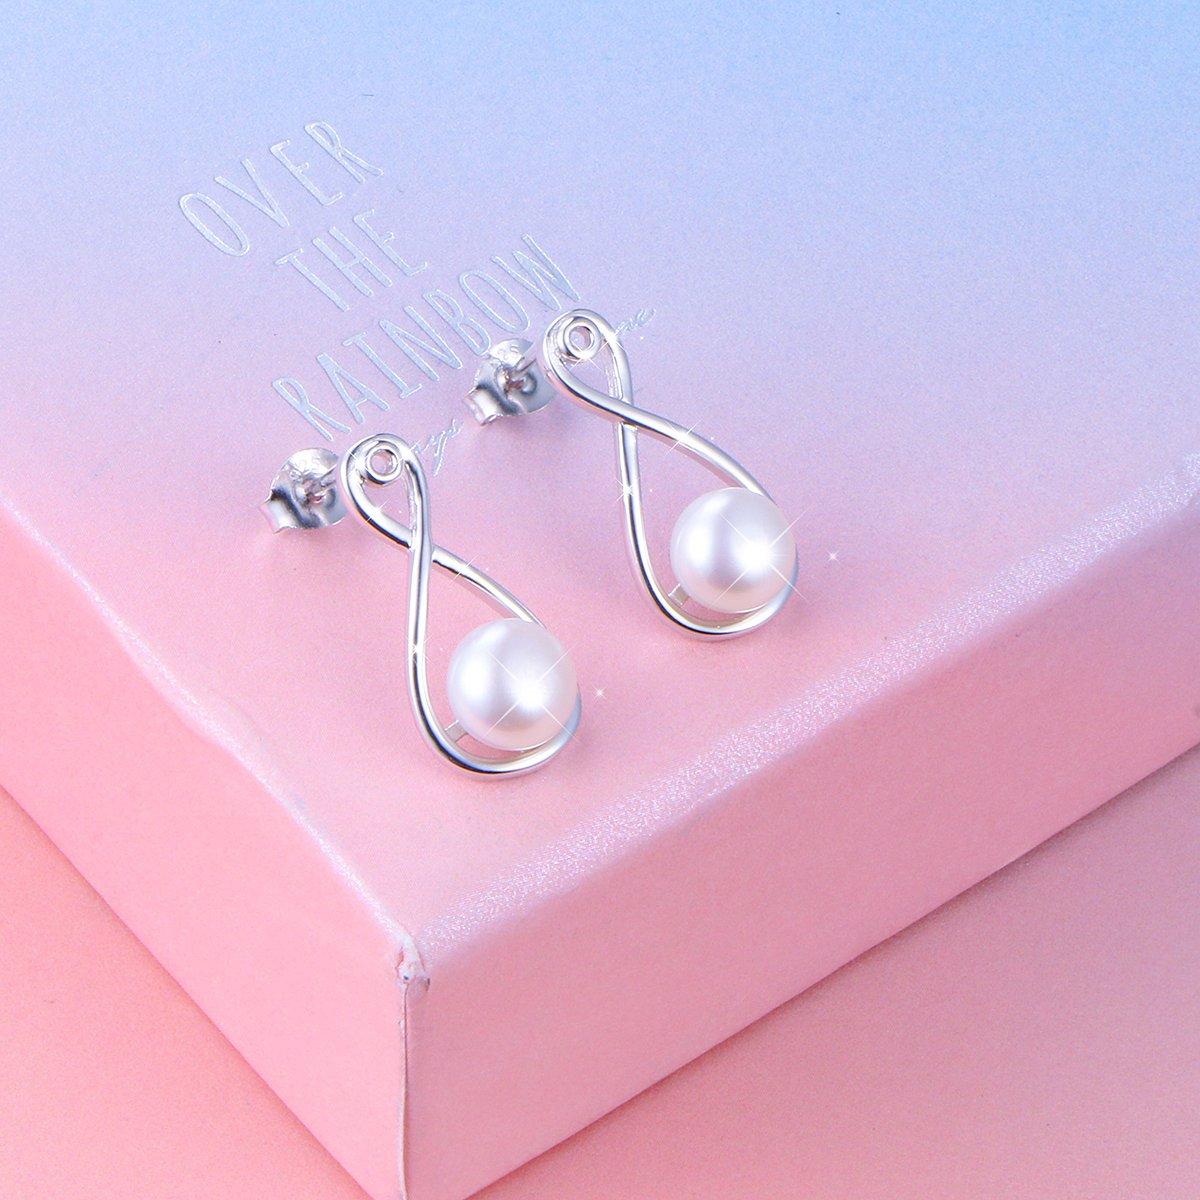 LINLIN FINE JEWELRY 925 Sterling SilverS925 Sterling Silver Stud Dangle Drop Cute Earrings for Women Girl (Infinity) by LINLIN FINE JEWELRY (Image #3)